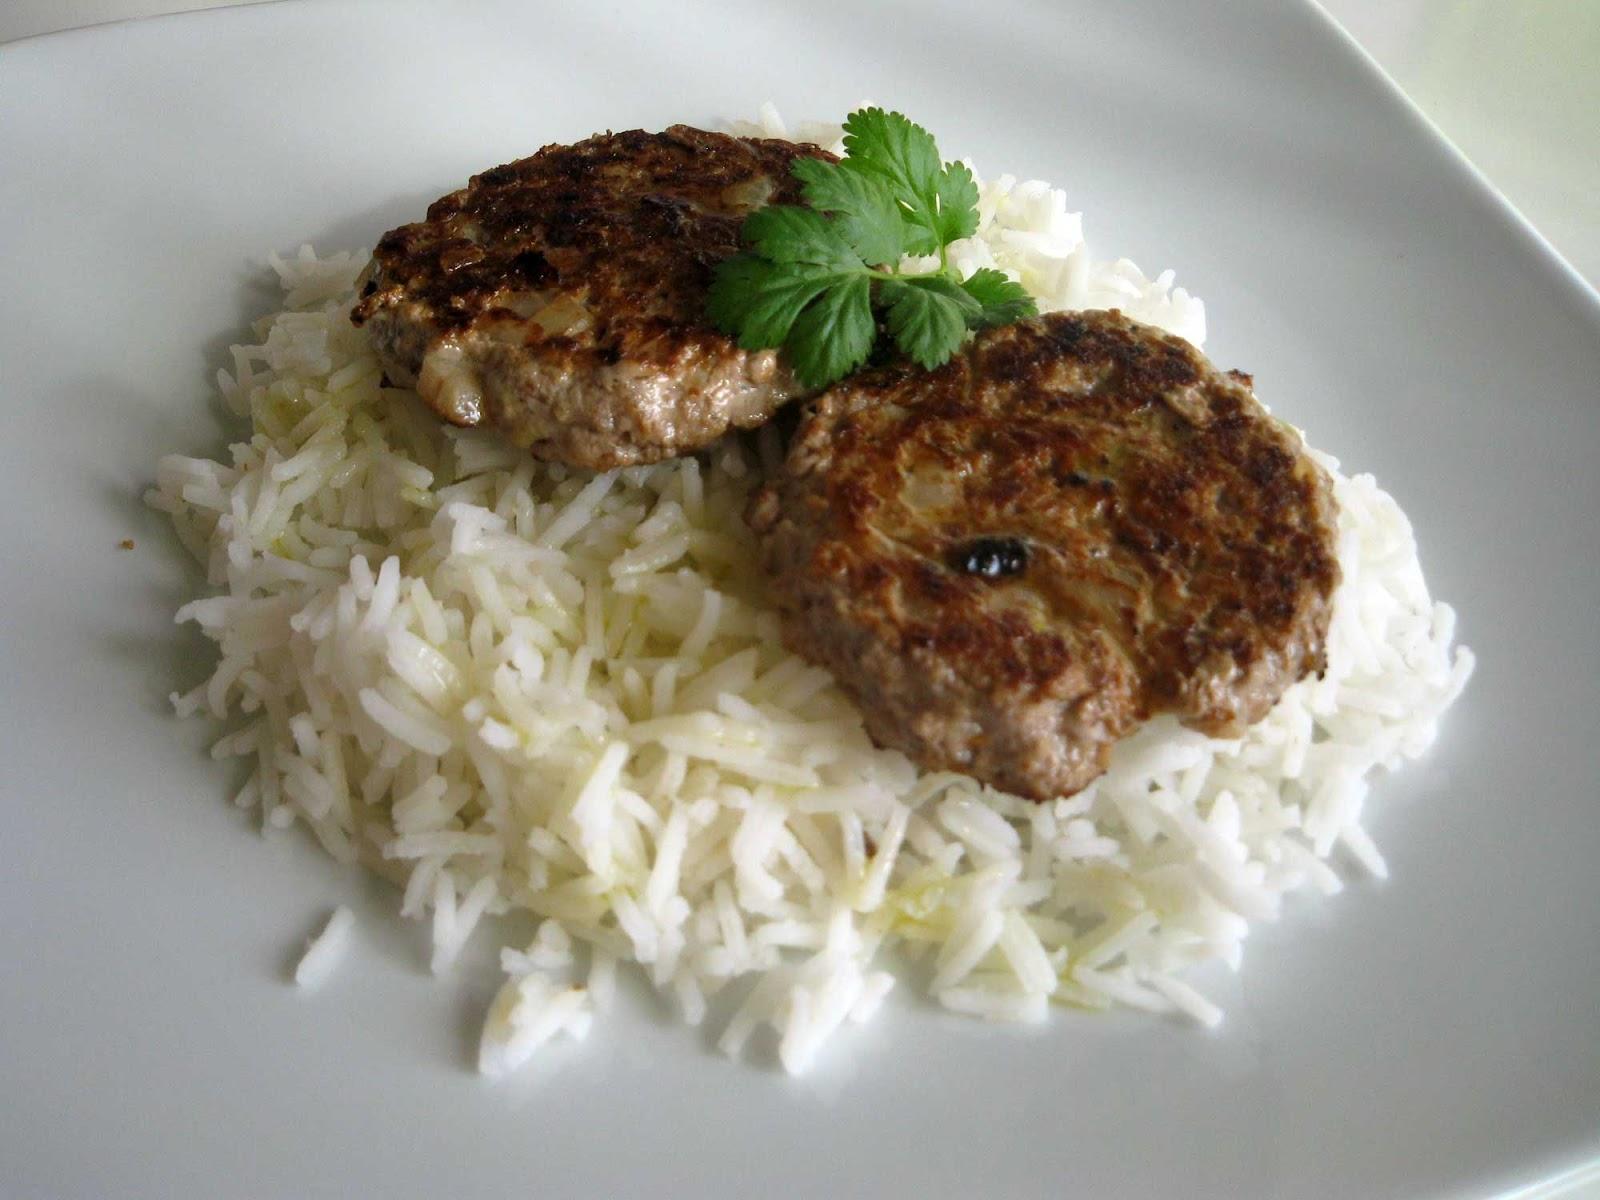 Rico y rico hamburguesas tailandesas con arroz basmati - Hamburguesas vegetarianas caseras ...